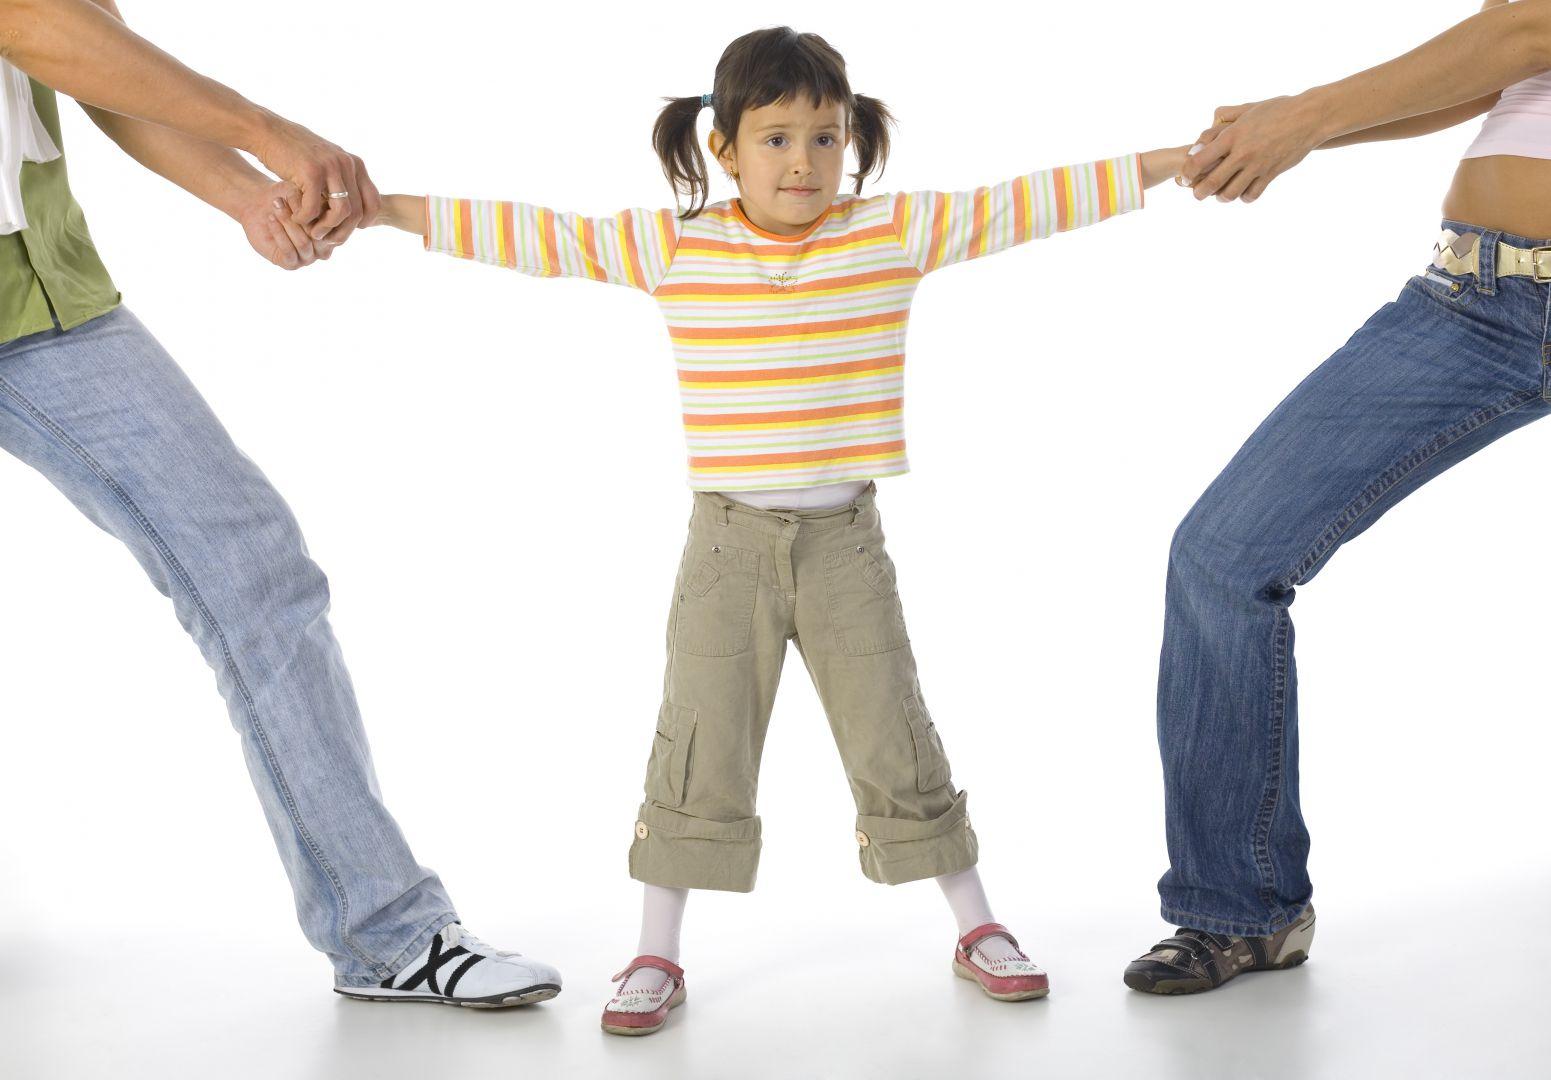 раздел имущества после развода если есть ребенок-инвалид таком